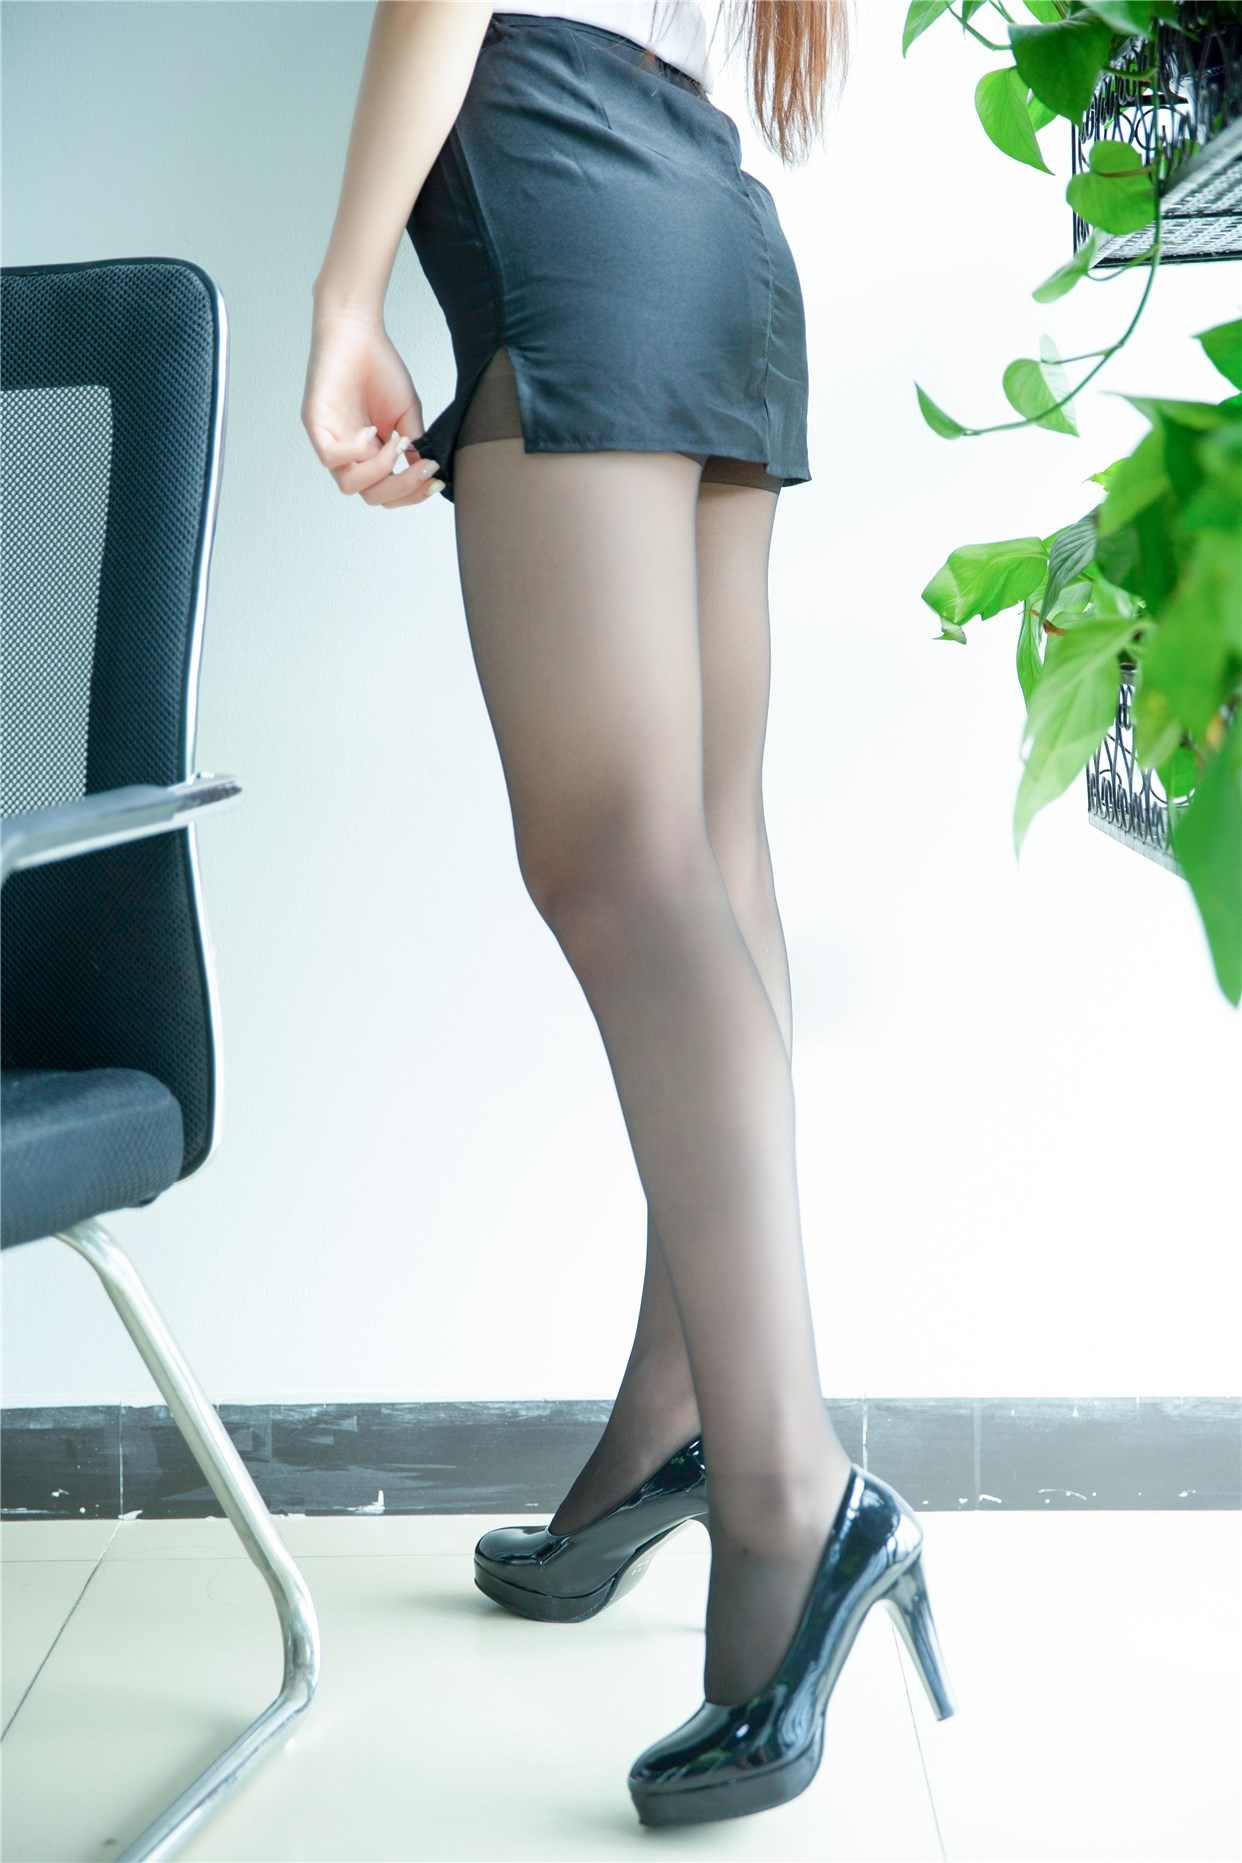 【兔玩映画】秘书姐姐 兔玩映画 第24张